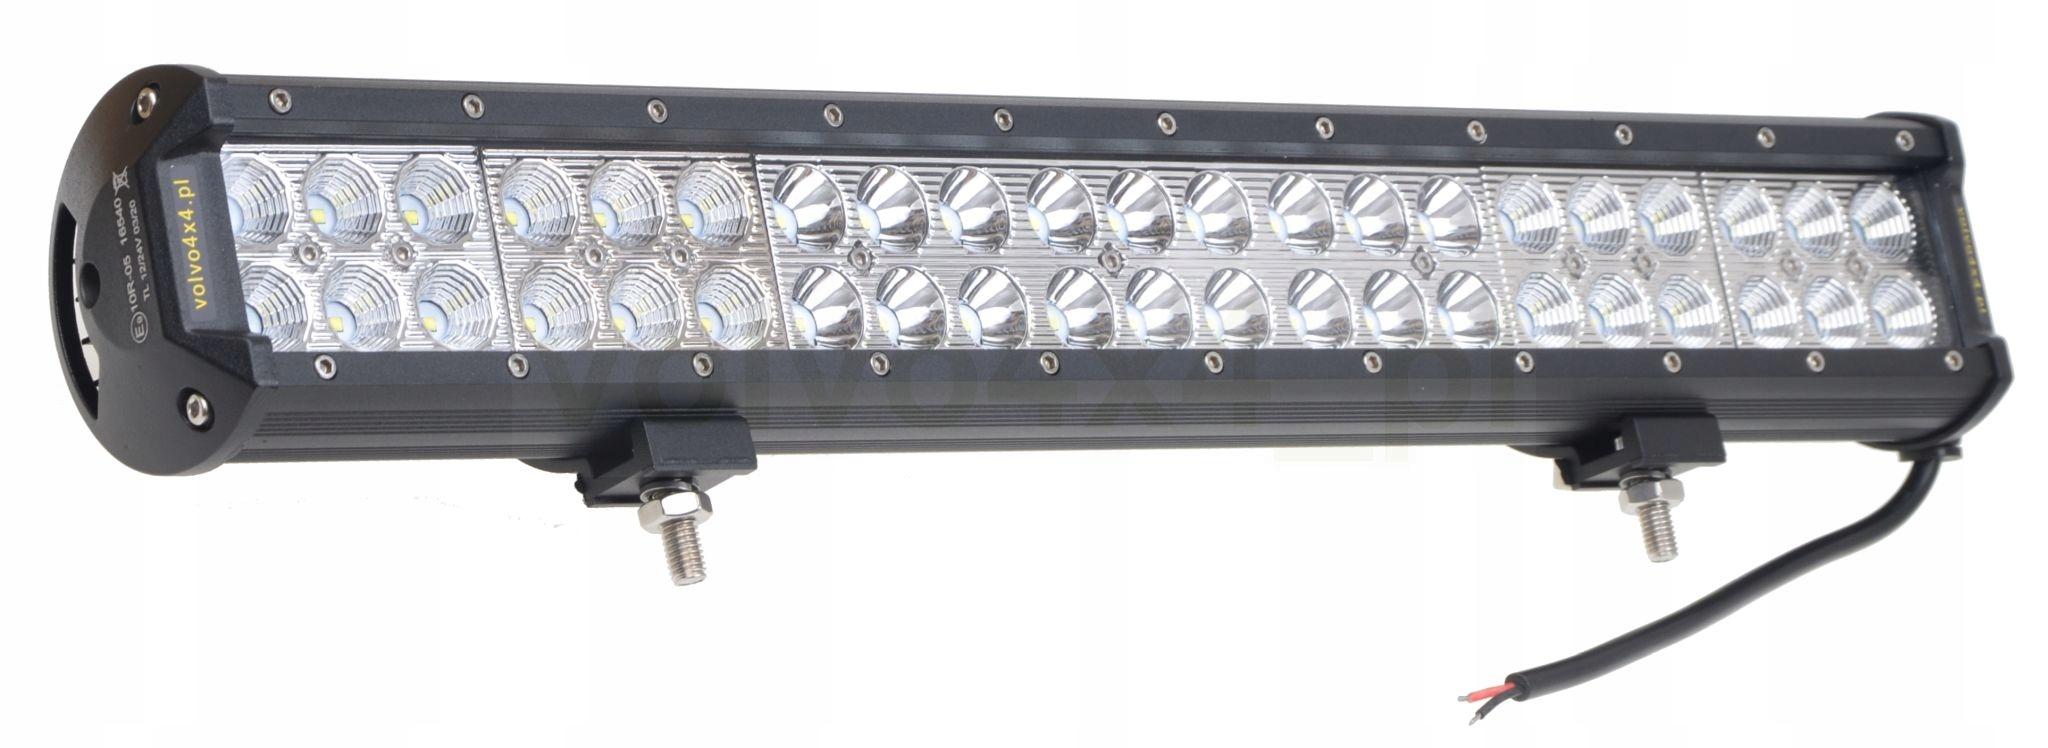 лампа панель планка led 126w flood+spot комбо mix